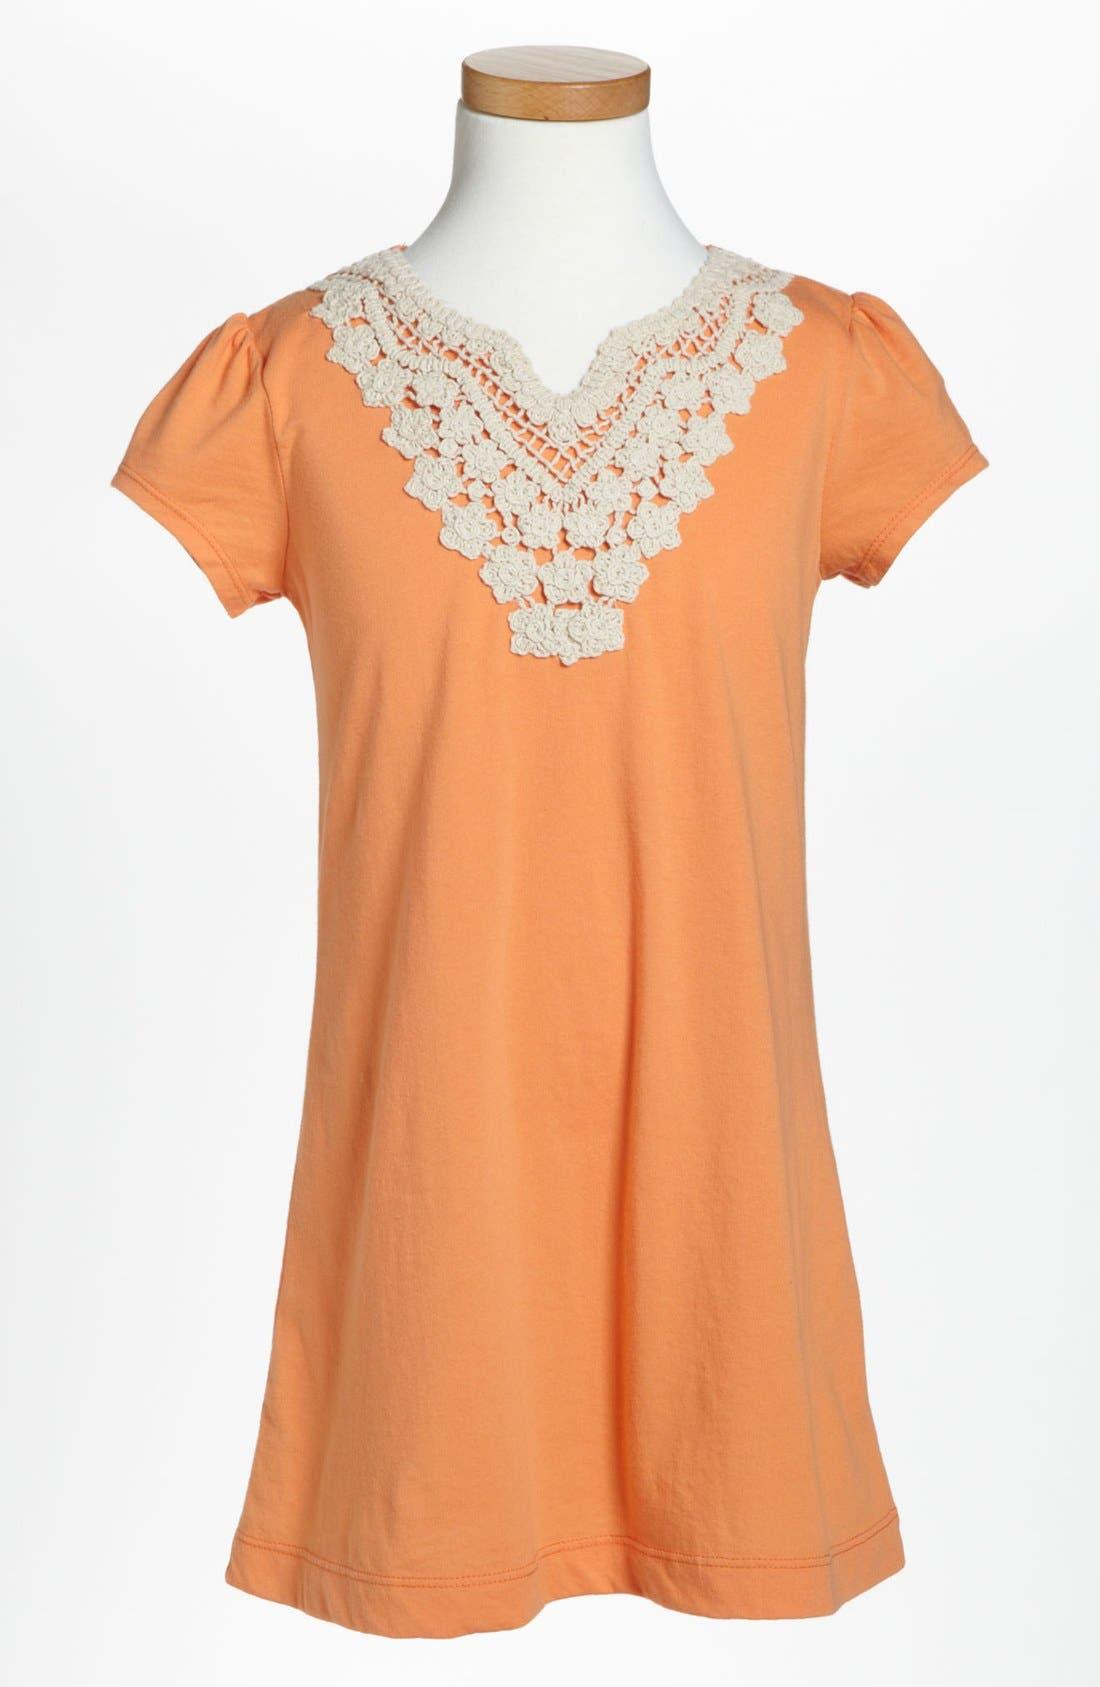 Main Image - Tucker + Tate 'Bali' Knit Dress (Little Girls)